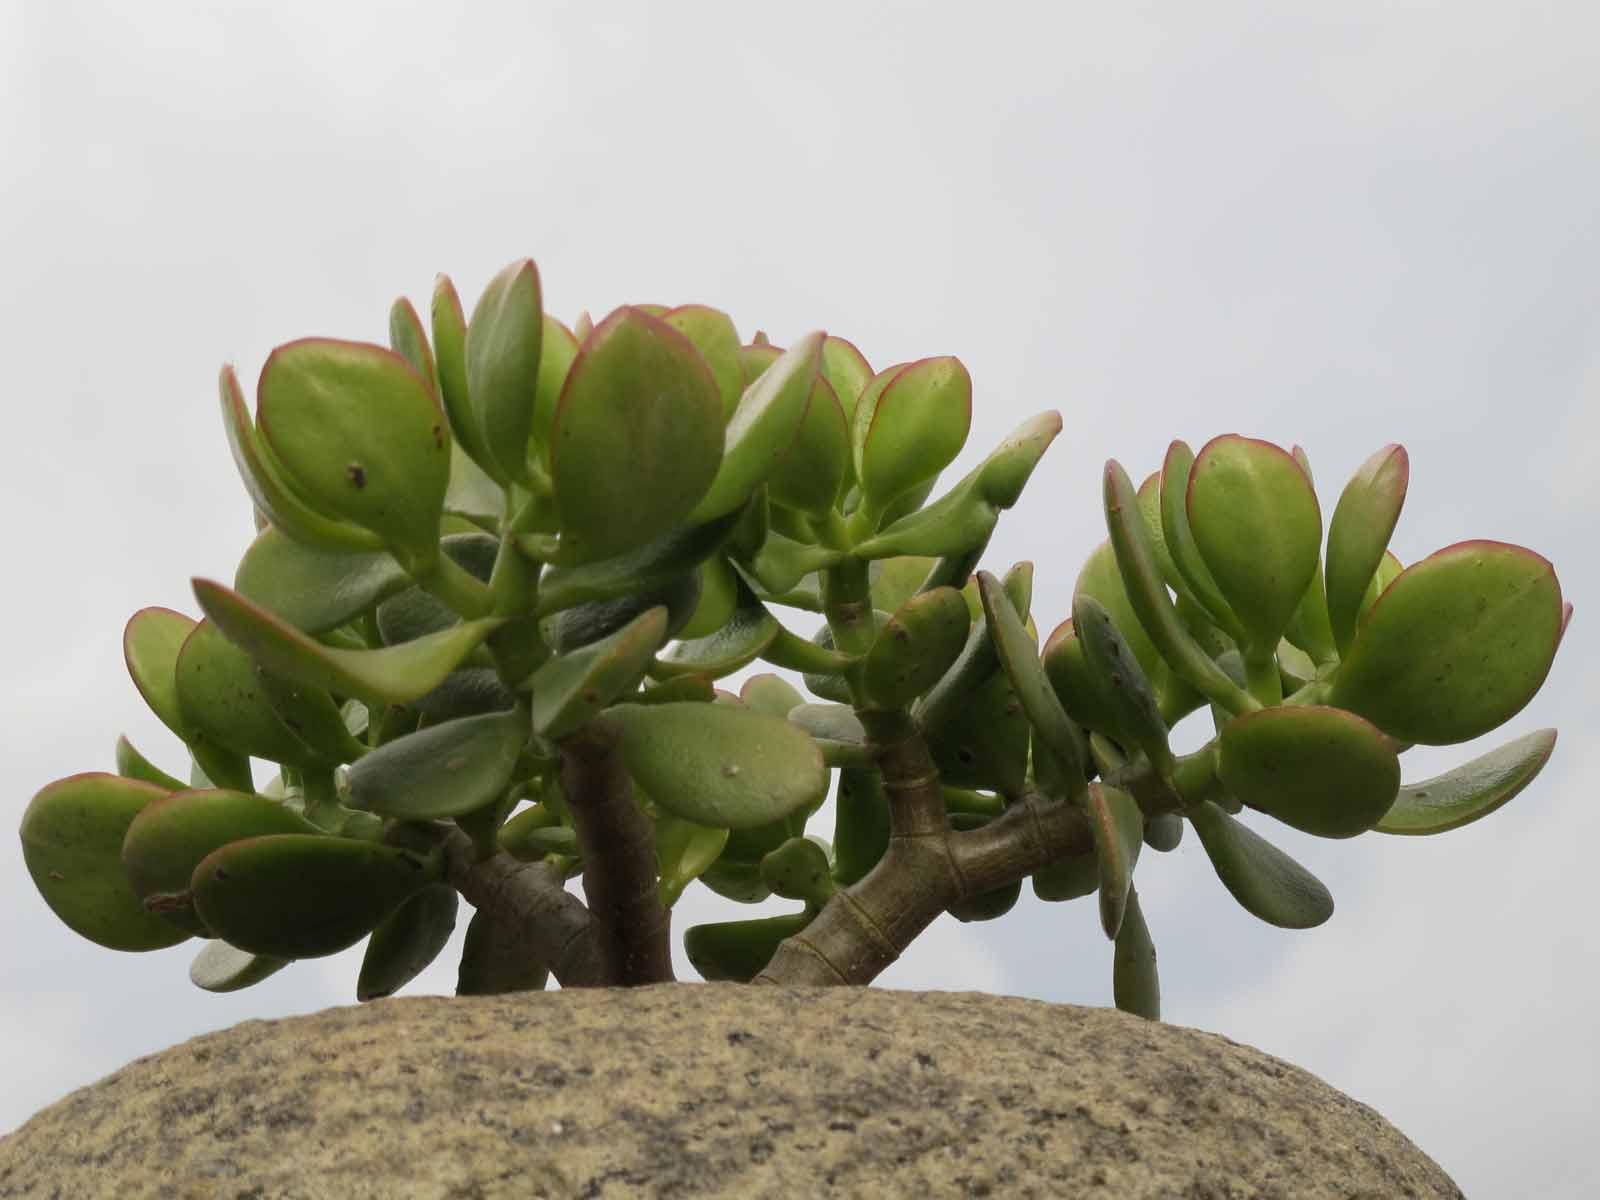 Depiction of Crassulaceae